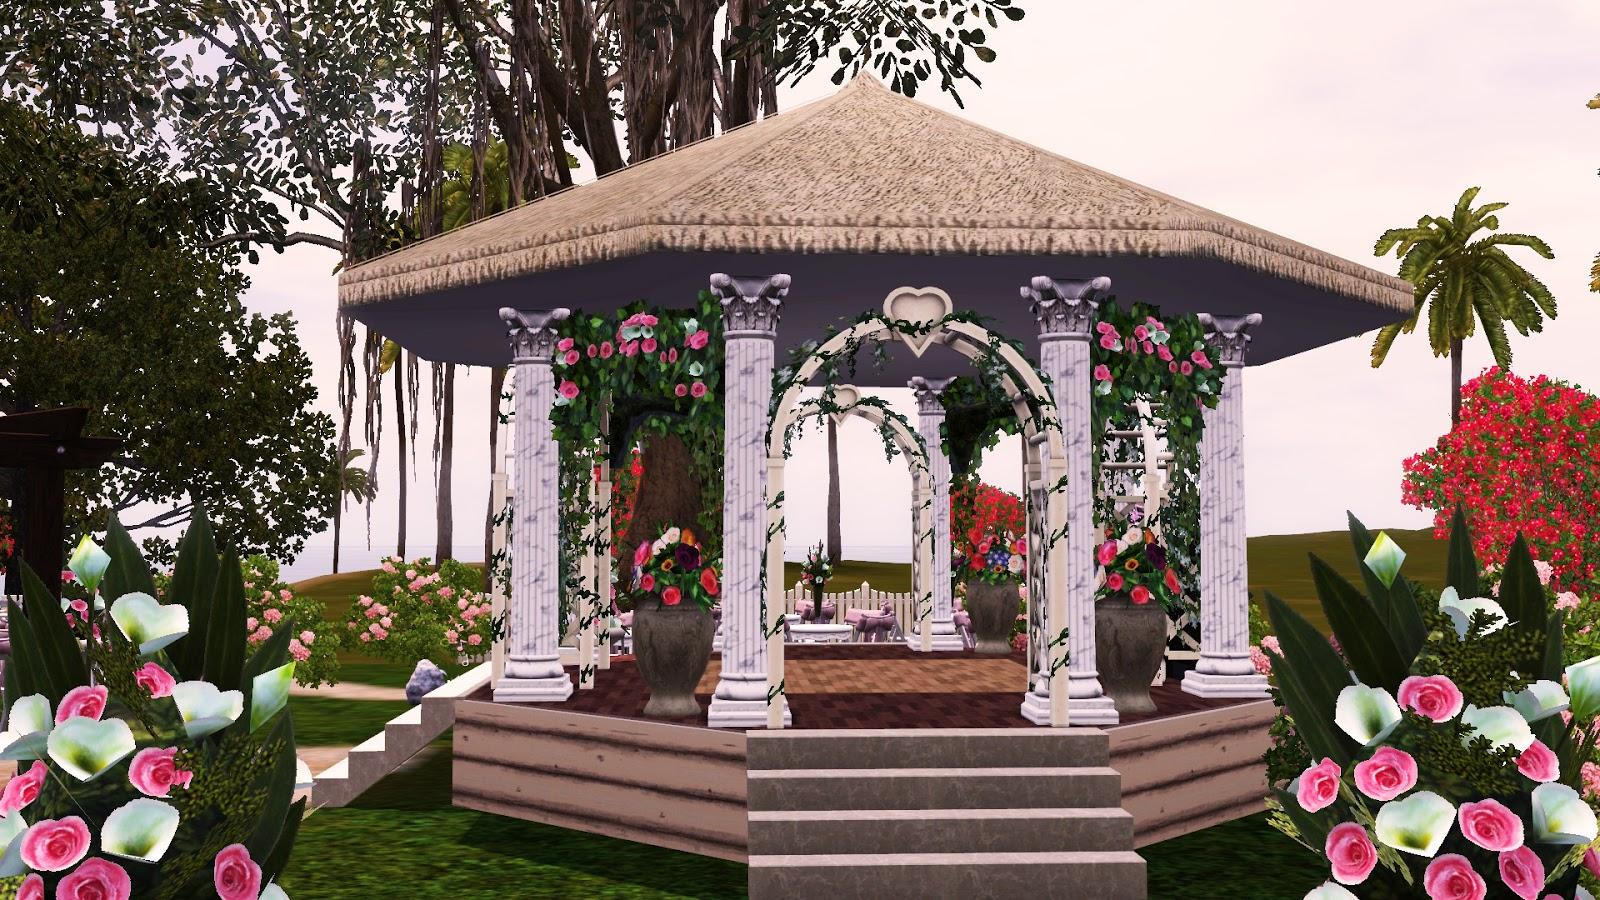 Kattys Sims 3 Creations Wedding Park I Do No Cc